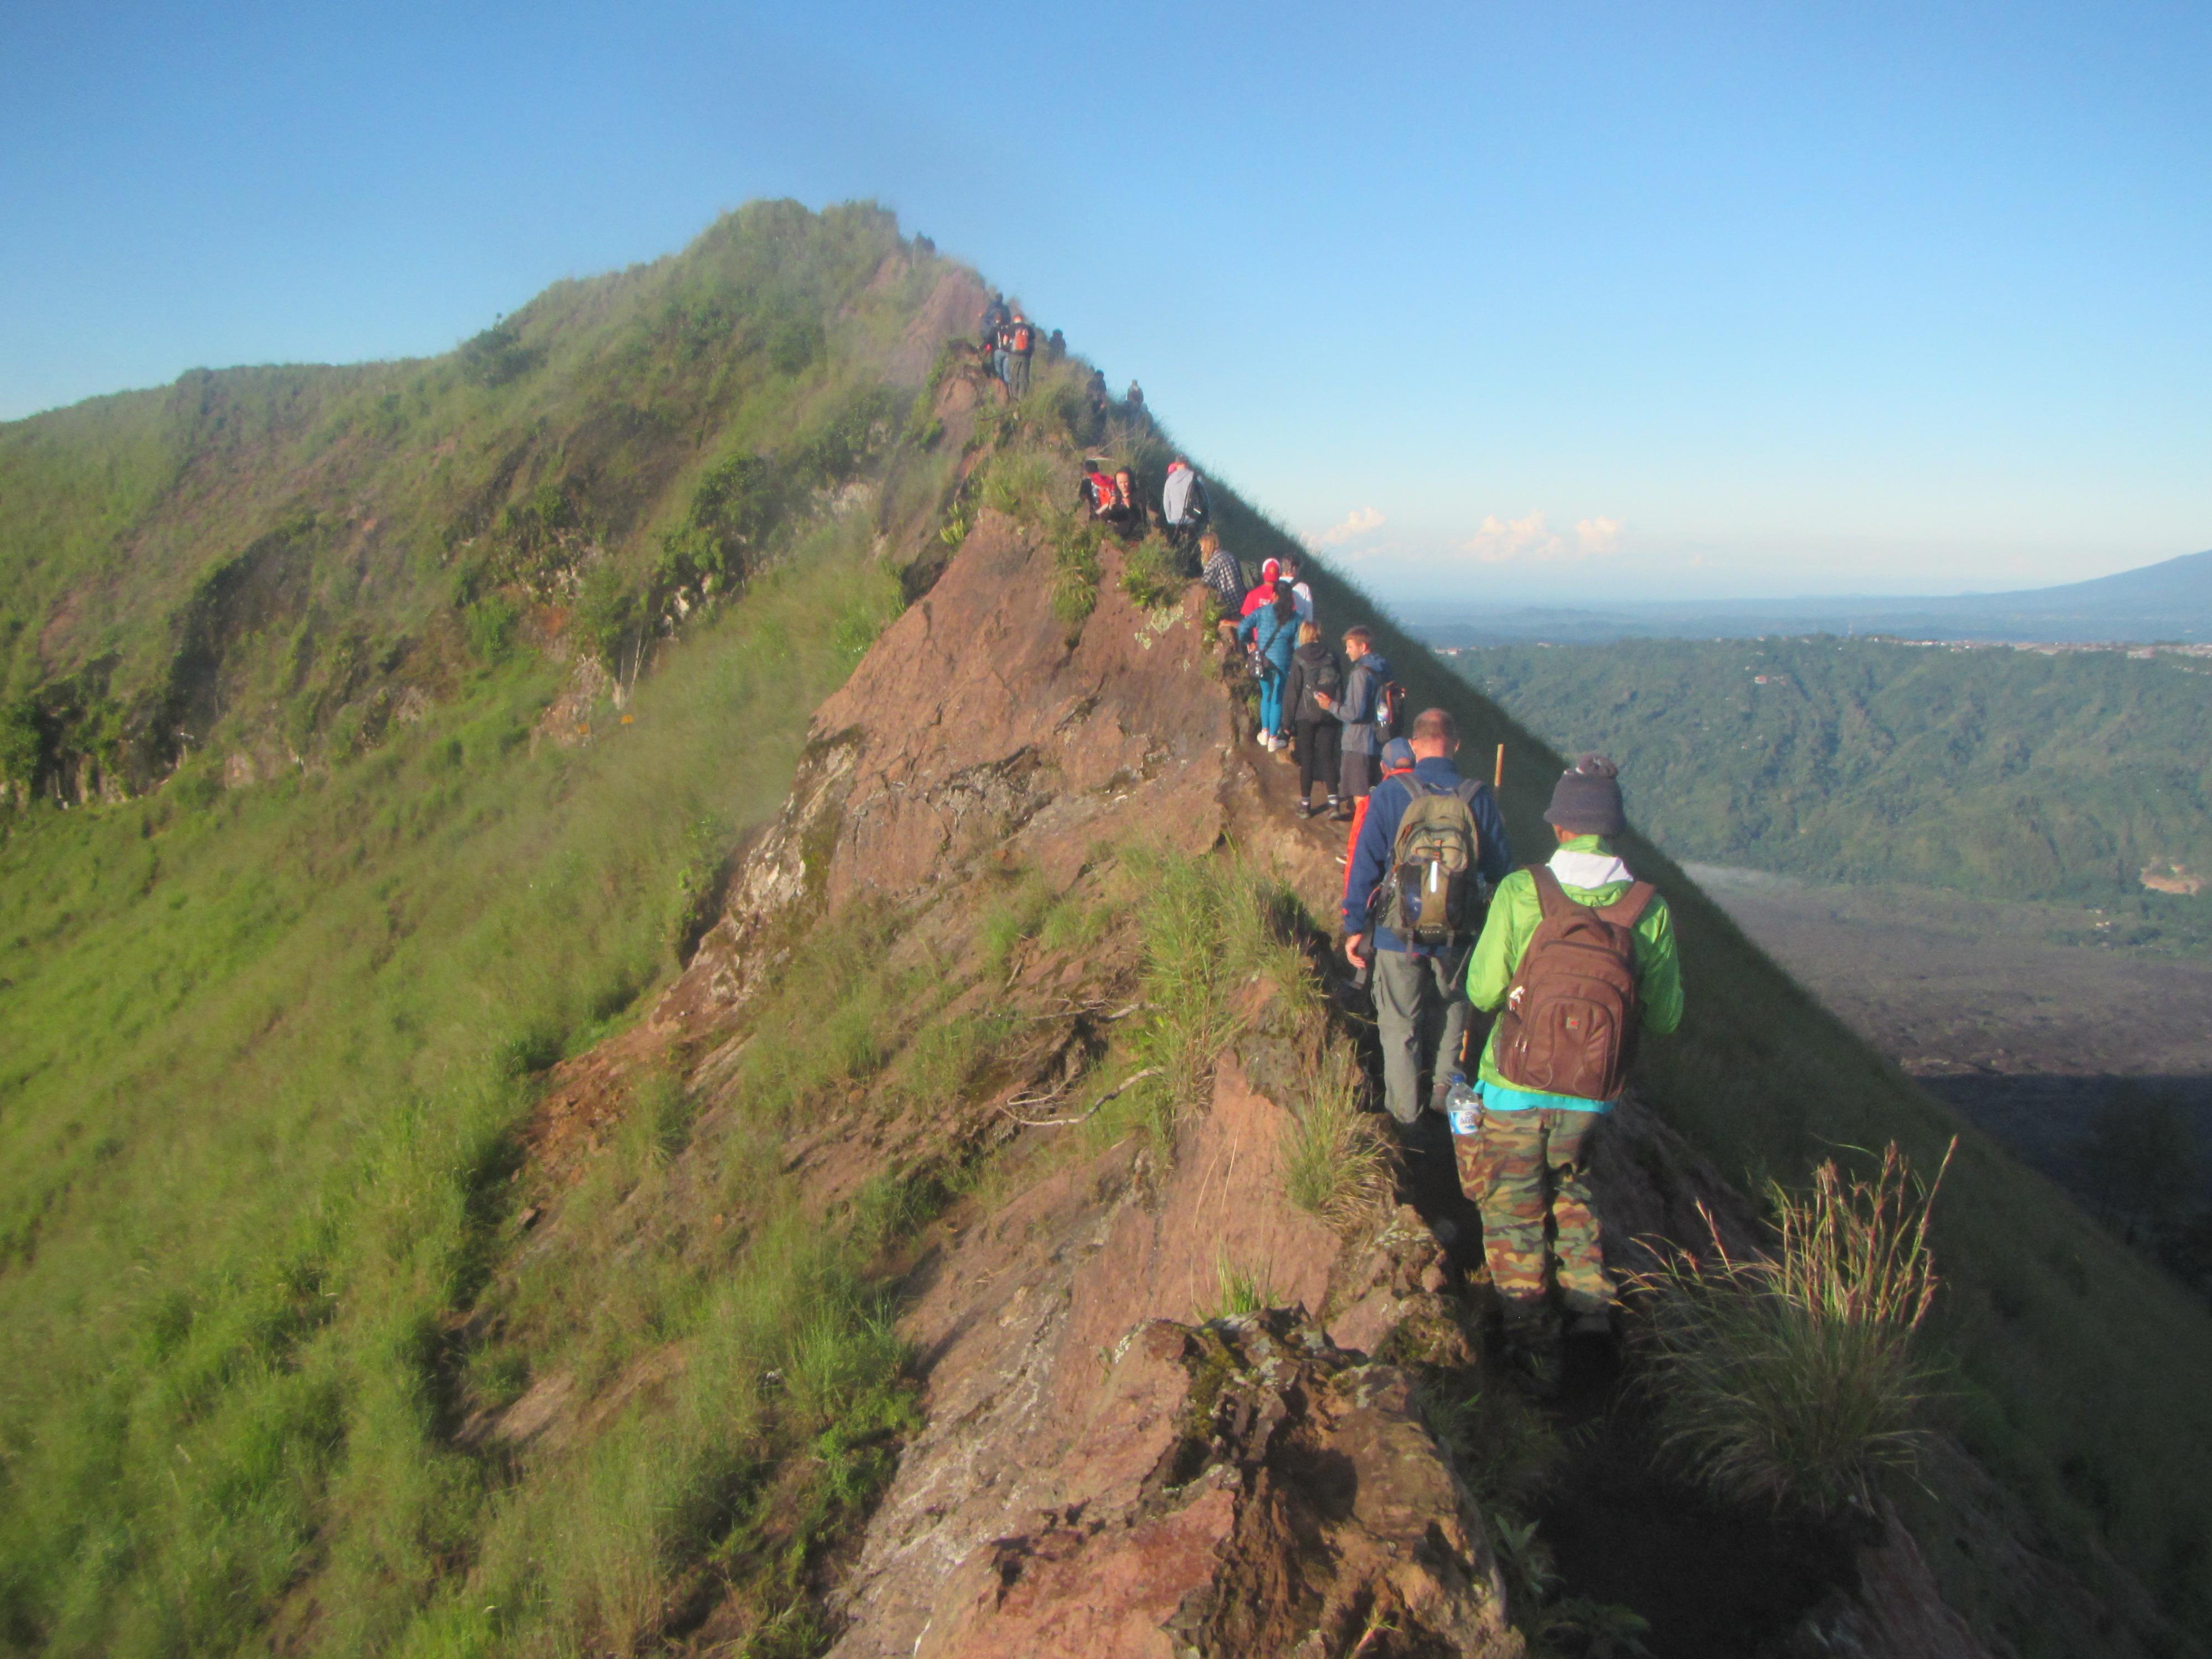 Mount Batur Sunrise Trekking 8